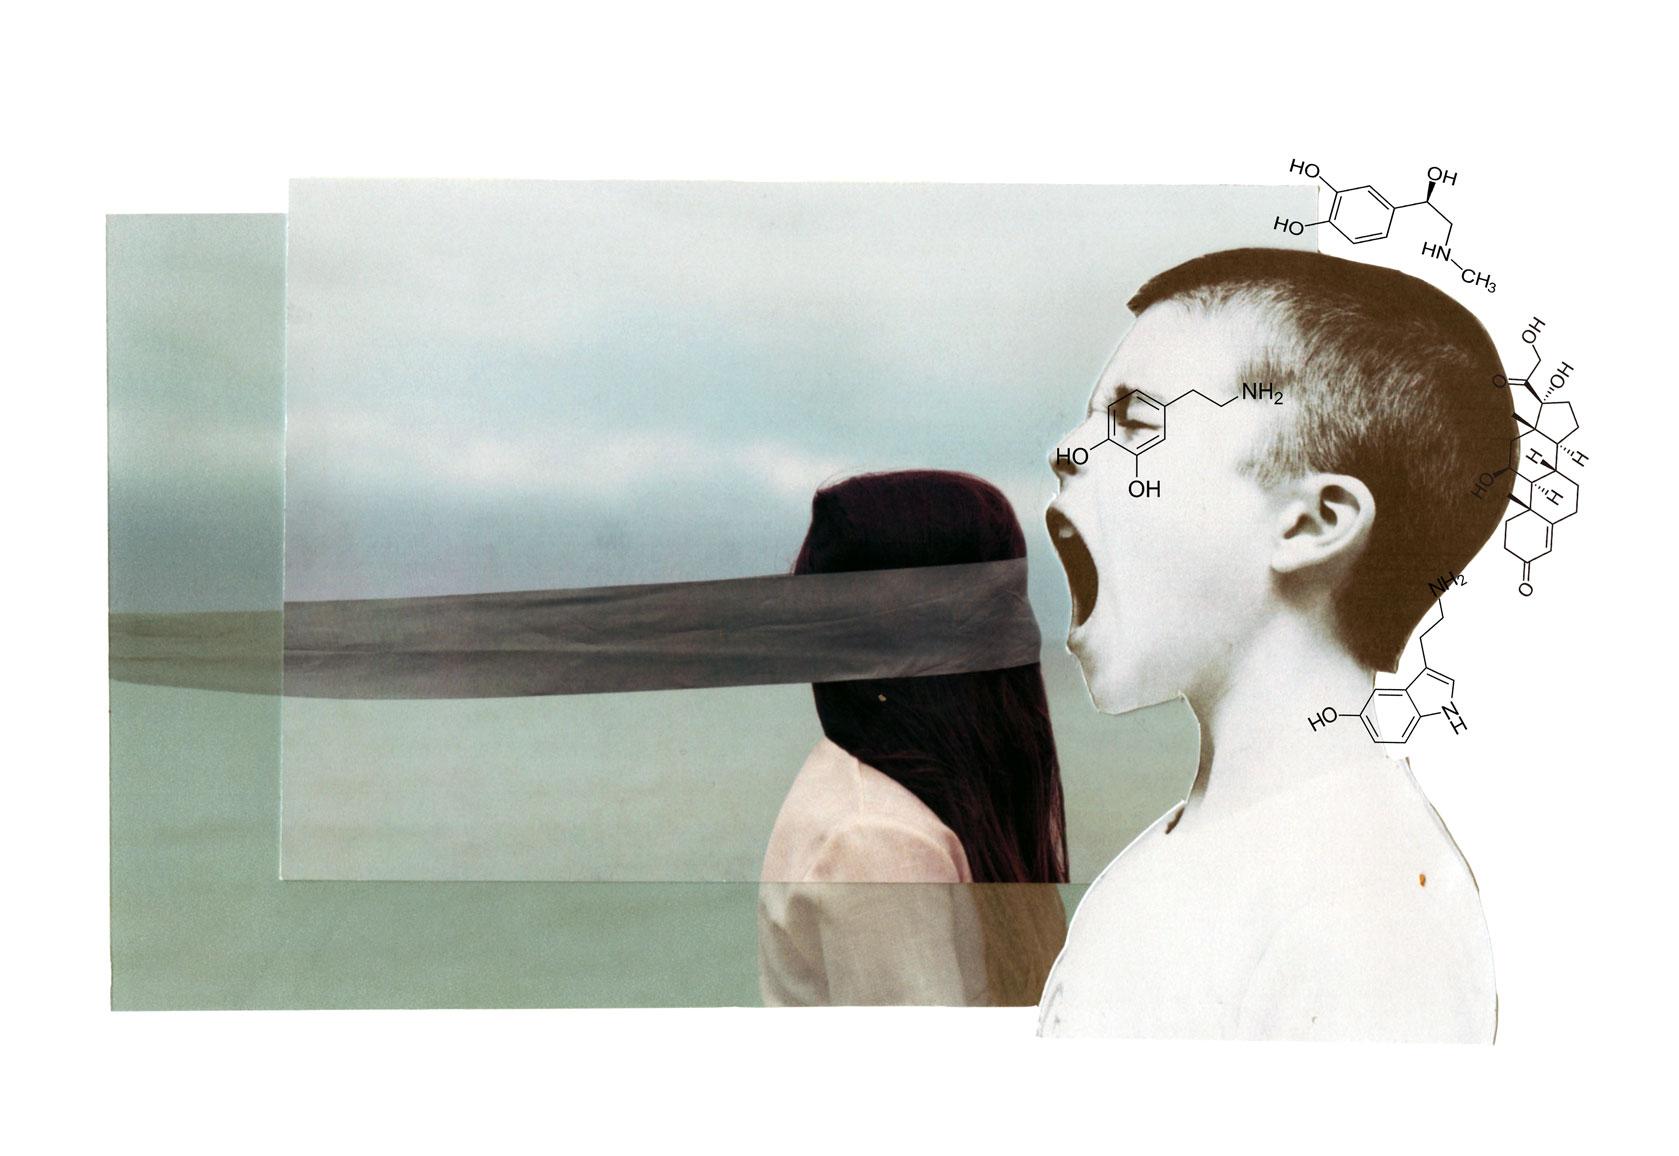 L'ipocondria: quando la mancanza di compassione e accettazione prendono il sopravvento